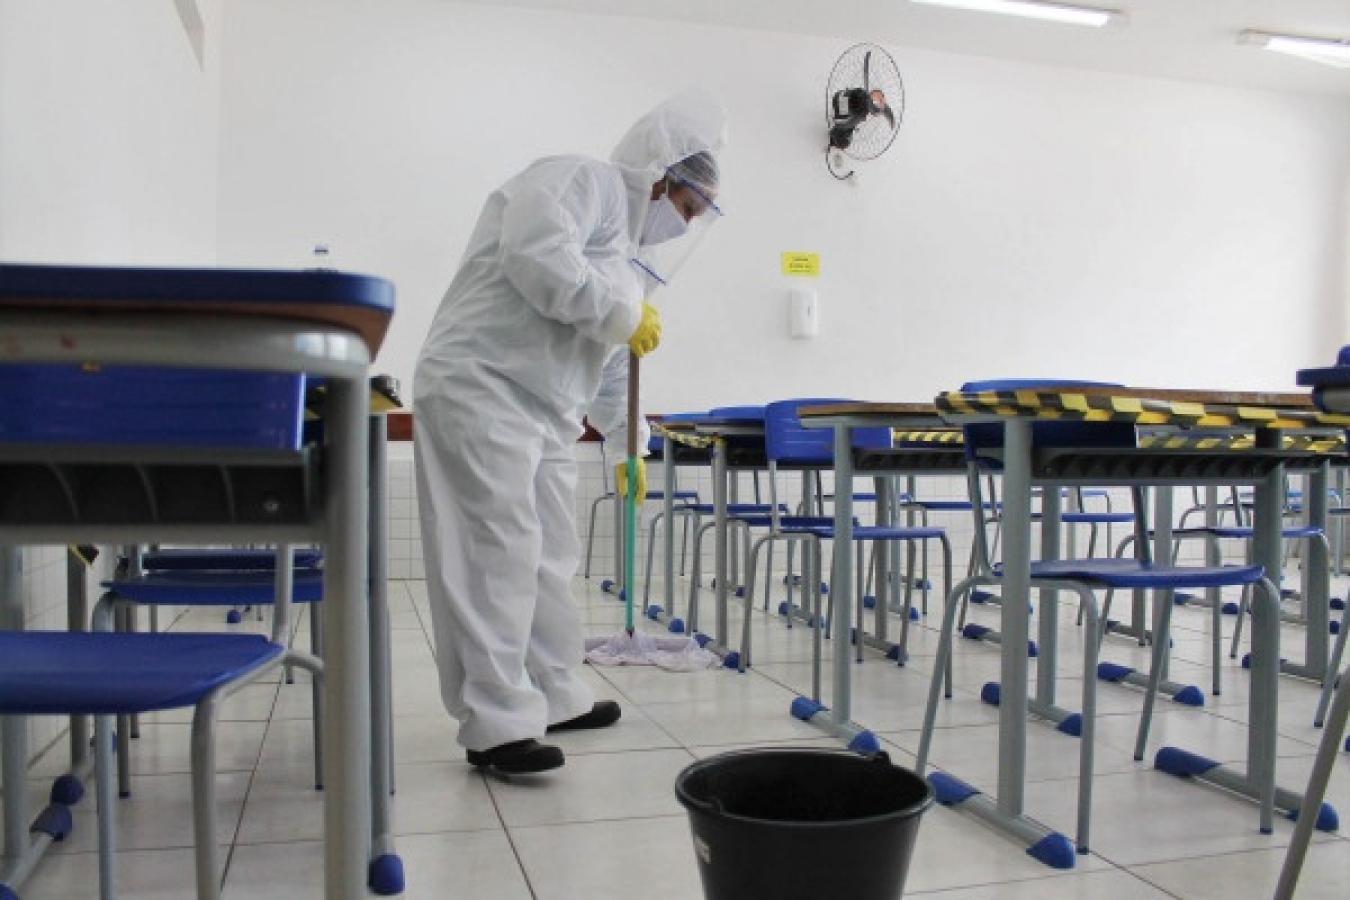 Escola de Mossoró suspende aulas presenciais após suspeita de Covid em aluno e professora